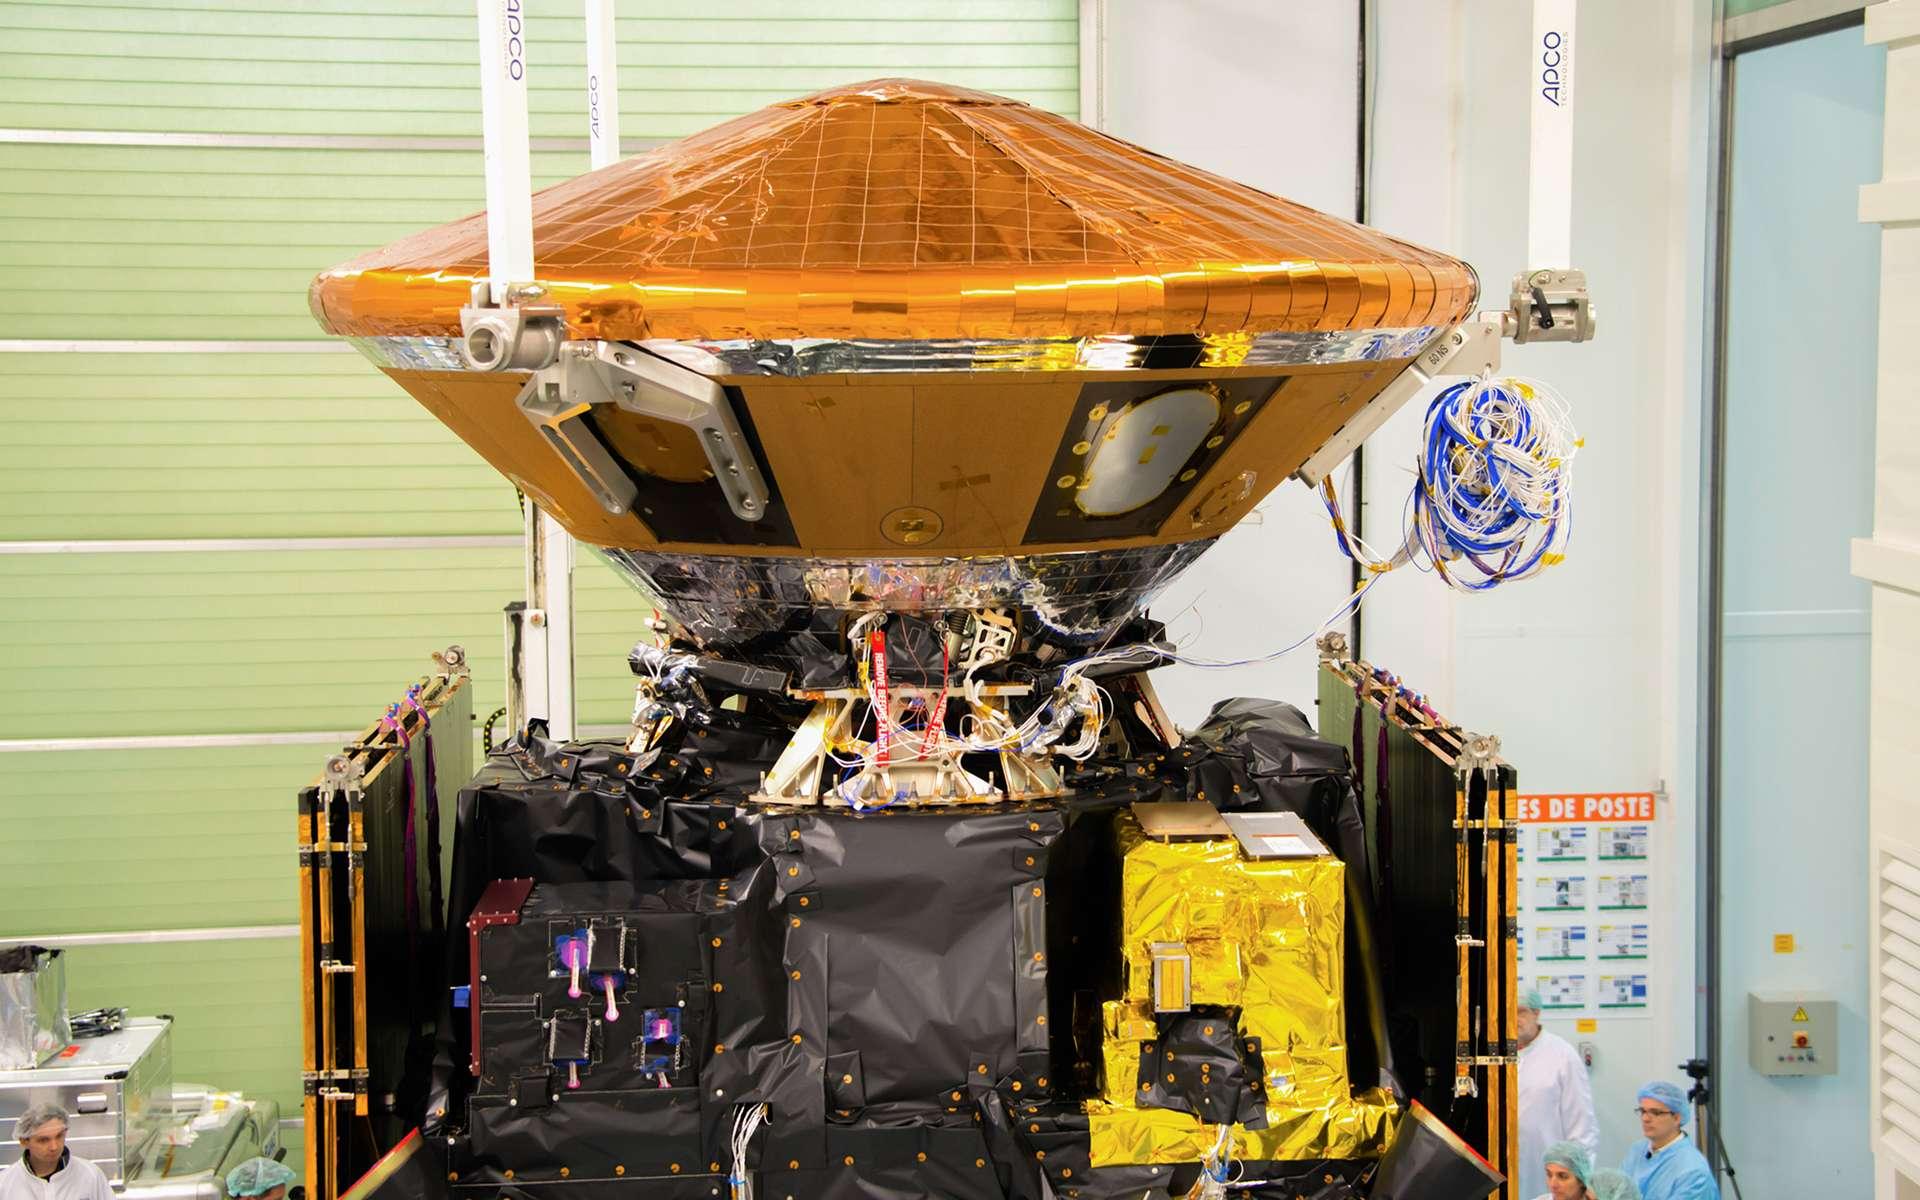 La capsule Schiaparelli, solidement arrimée sur le dessus du satellite TGO (Trace Gas Orbiter), sur lequel elle a voyagé depuis la Terre jusqu'à la planète Mars. © Rémy Decourt